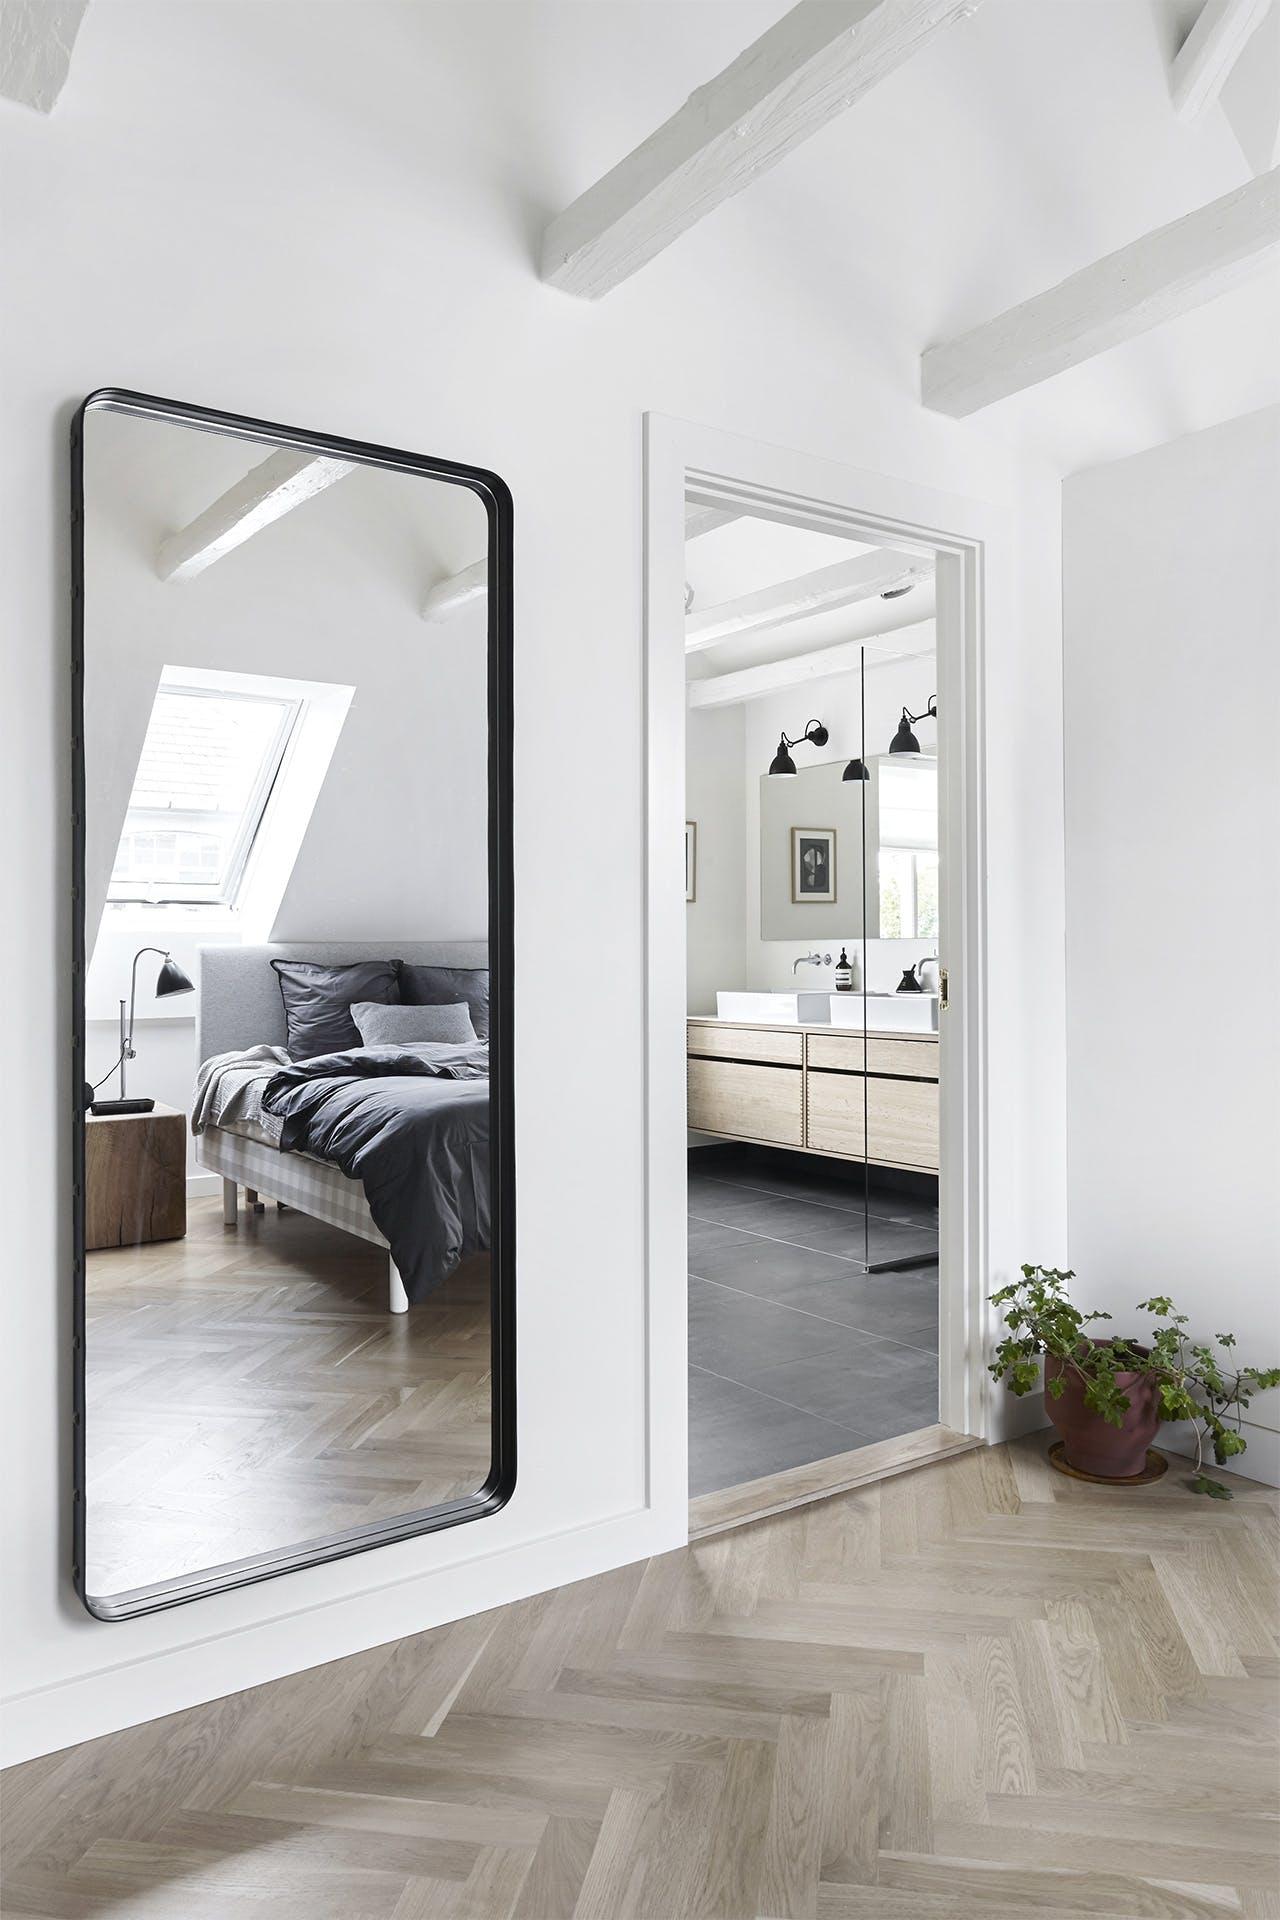 villa hellerup indretning spejl